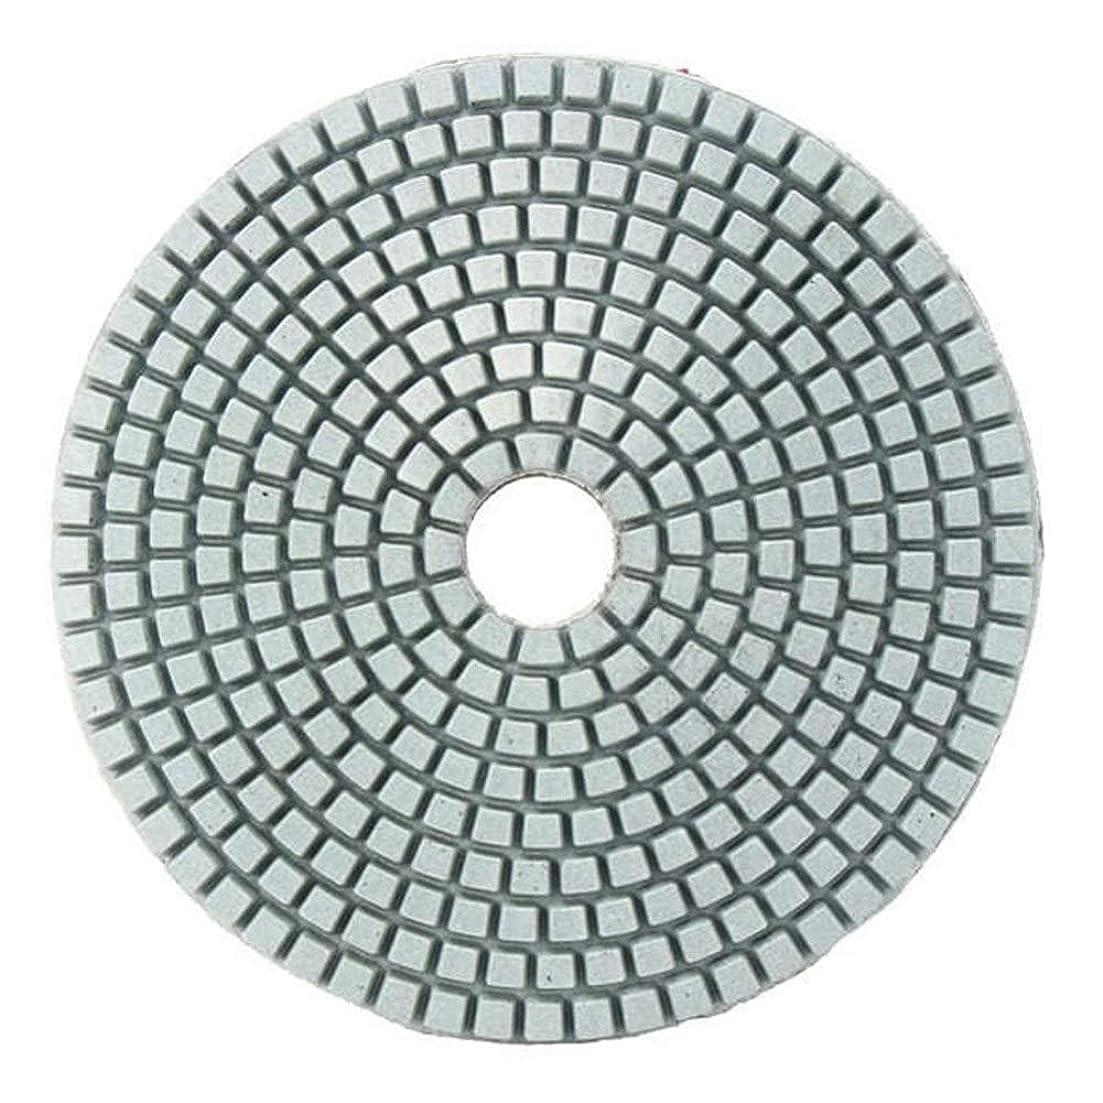 固執スーパー頂点研磨剤、 5インチ50-6000グリットダイヤモンド研磨パッド大理石コンクリート花崗岩ガラス用ウェットドライサンディングディスク (サイズ : 100#)